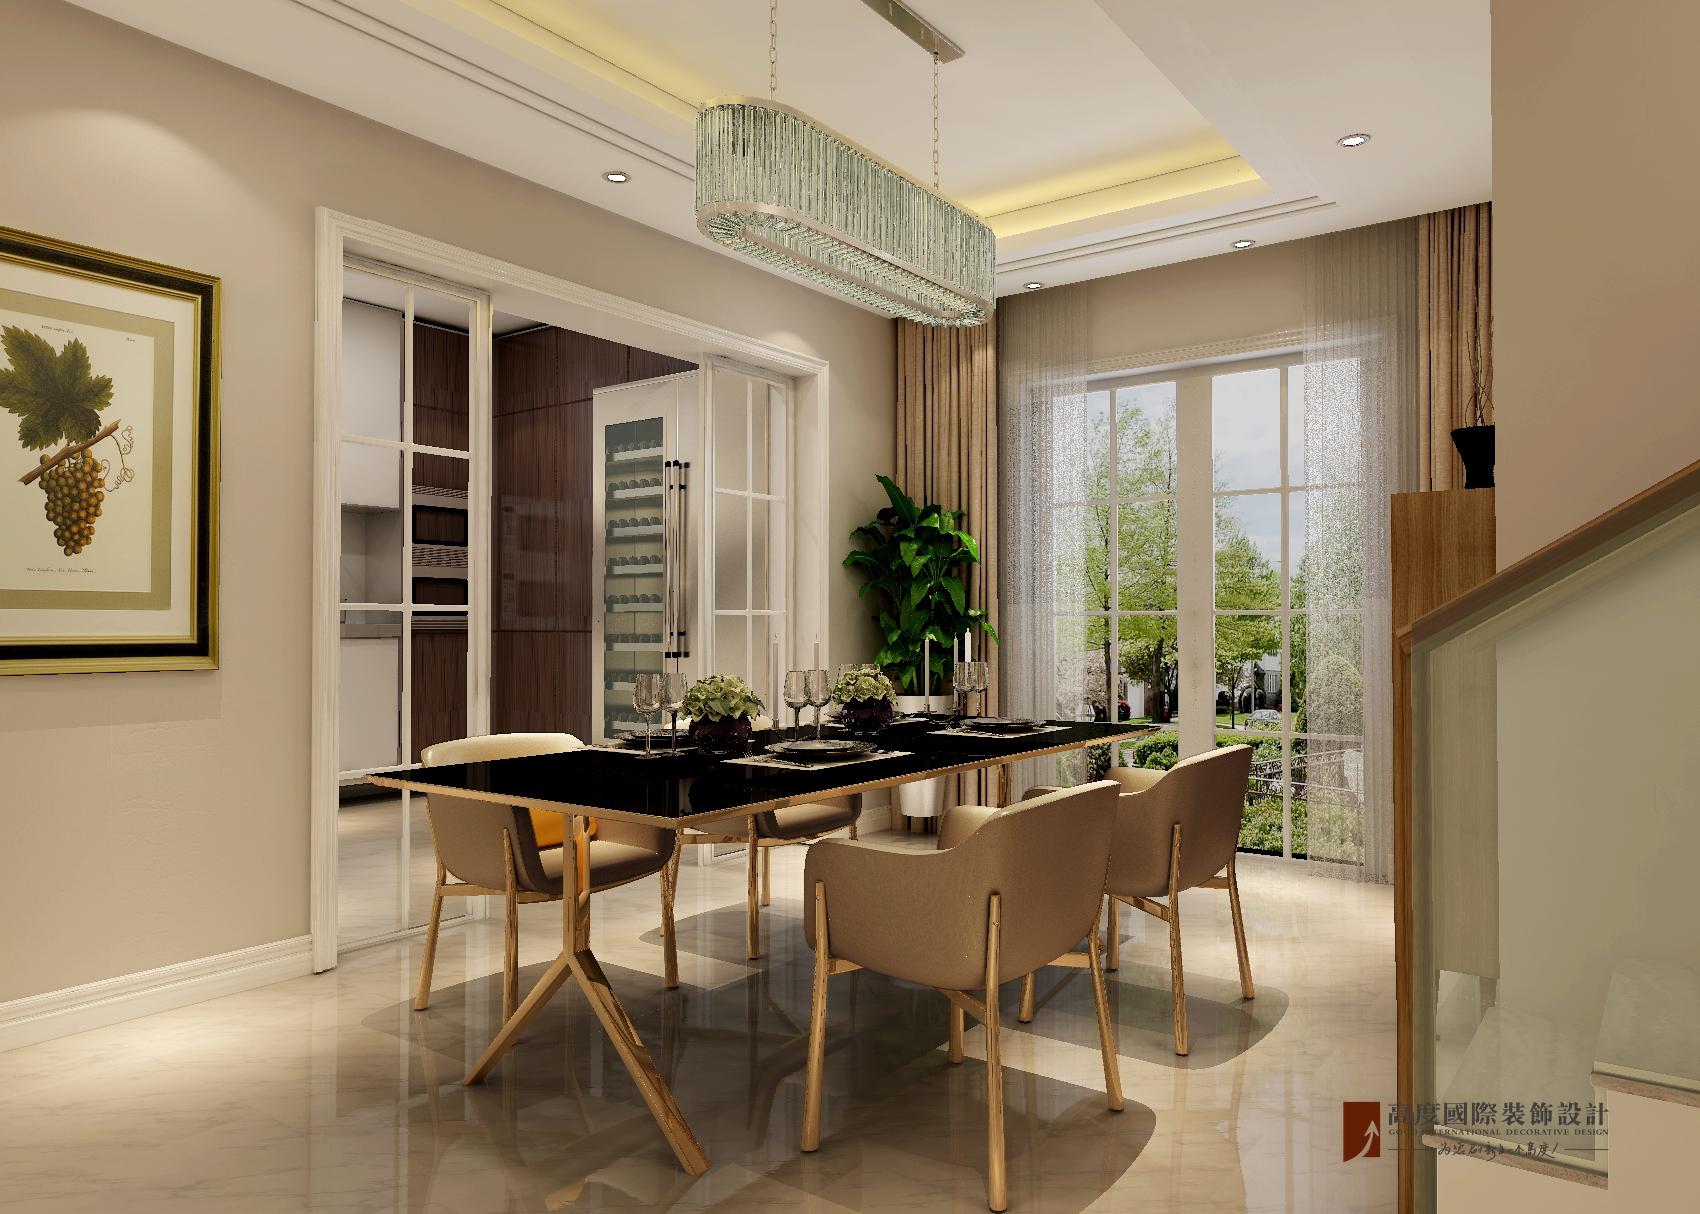 简约 别墅 独栋 餐厅图片来自北京高度国际-陈玲在泉发花园——简约风格的分享